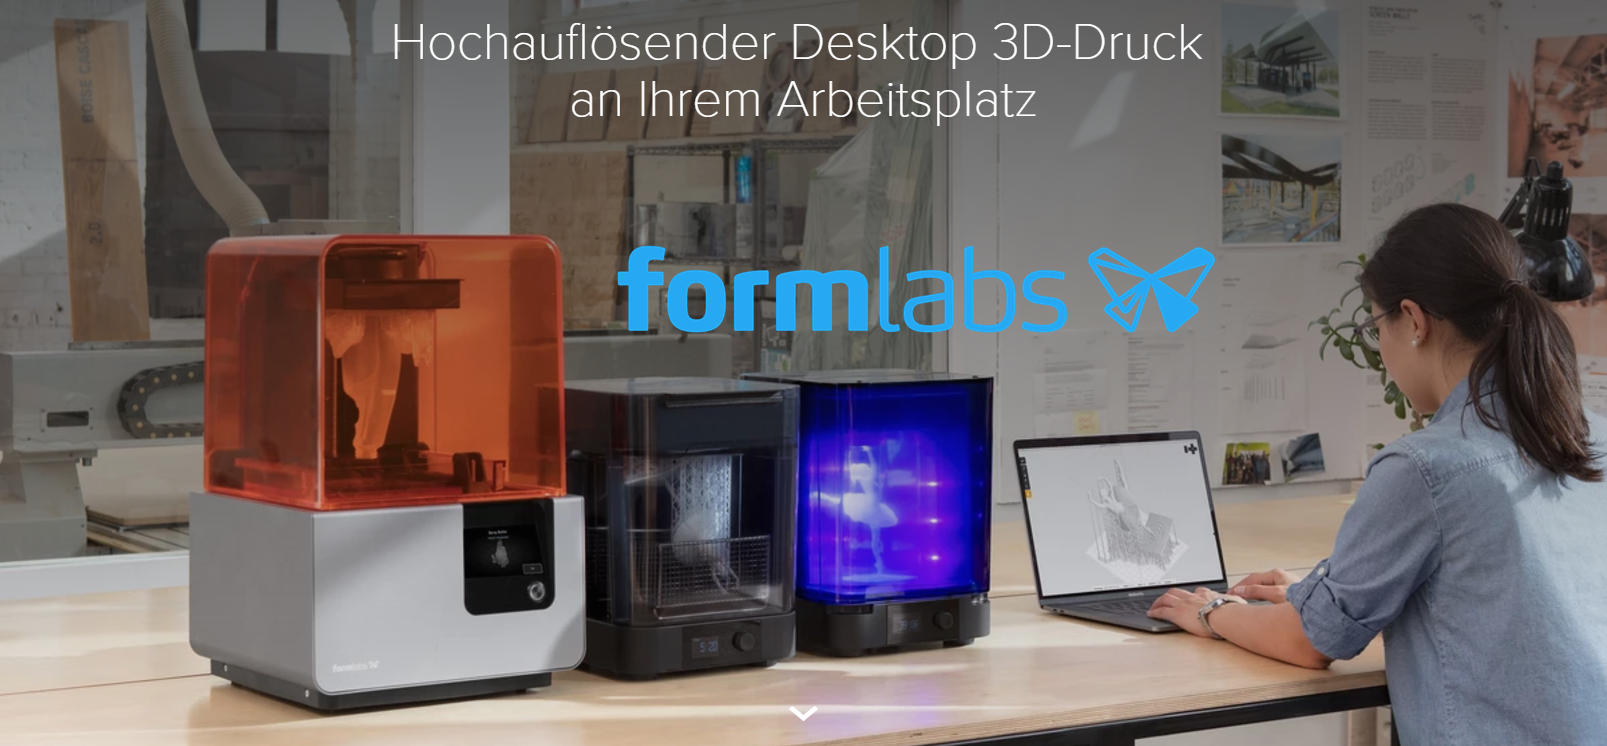 TripleCell: 3D-Druck Premiumtechnologie-Plattform ermöglicht durch Netzwerk-Mitglied Formlabs